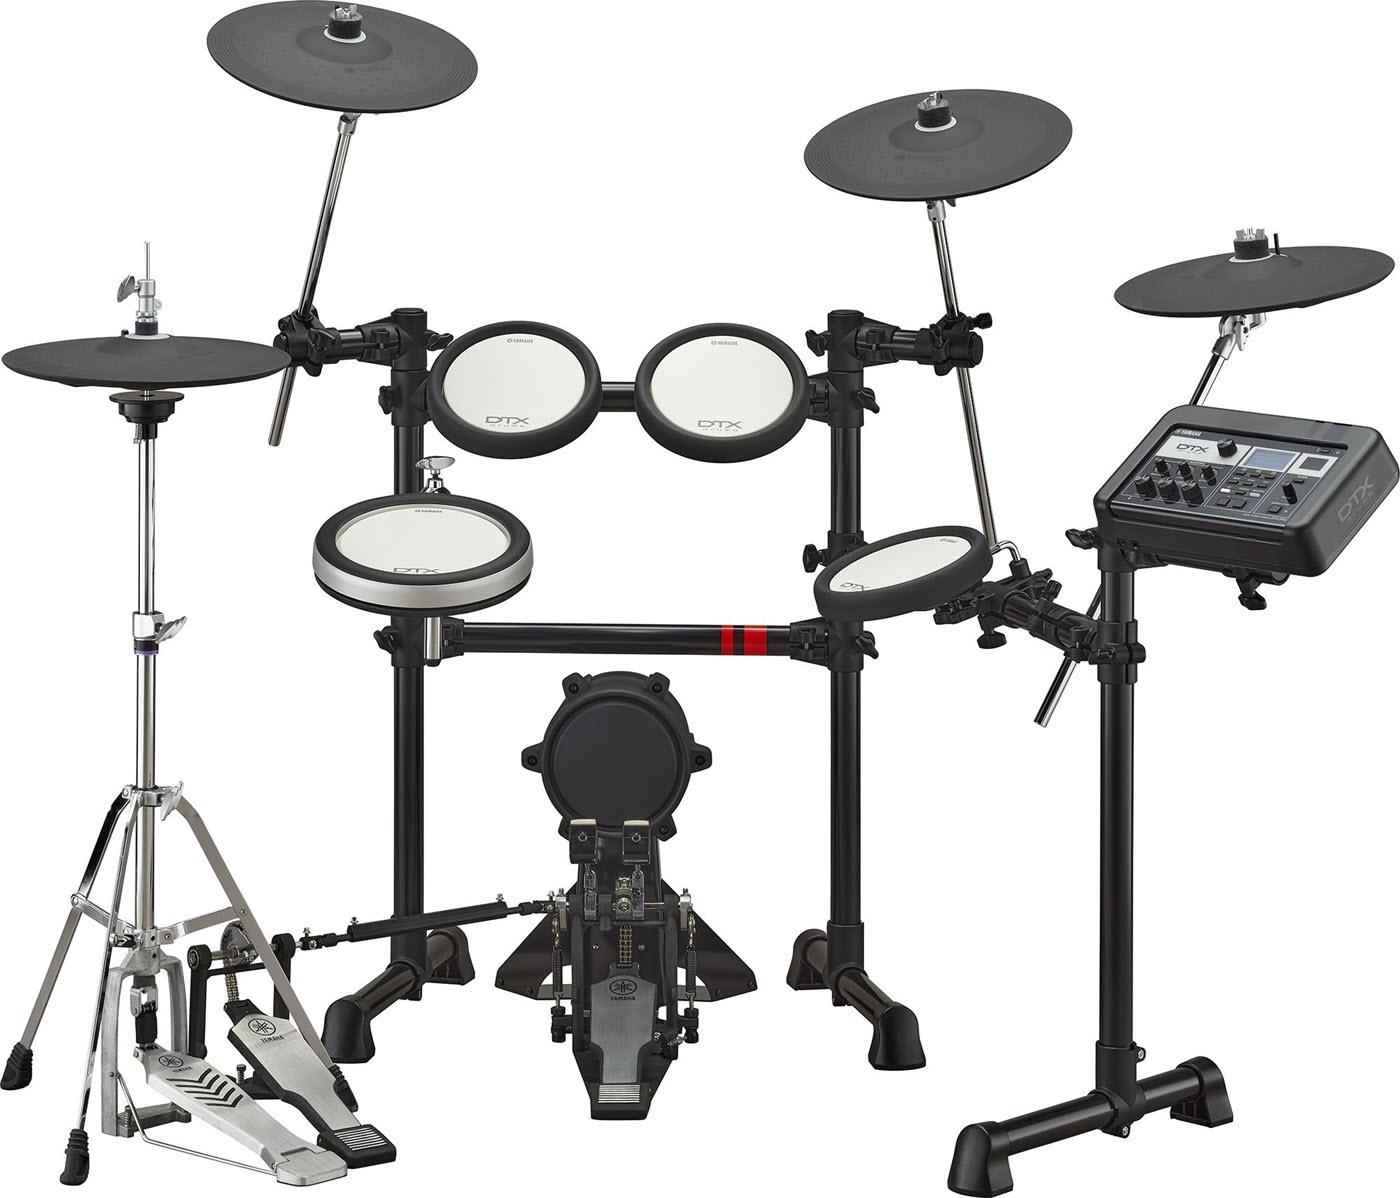 Full electronic drum kit.